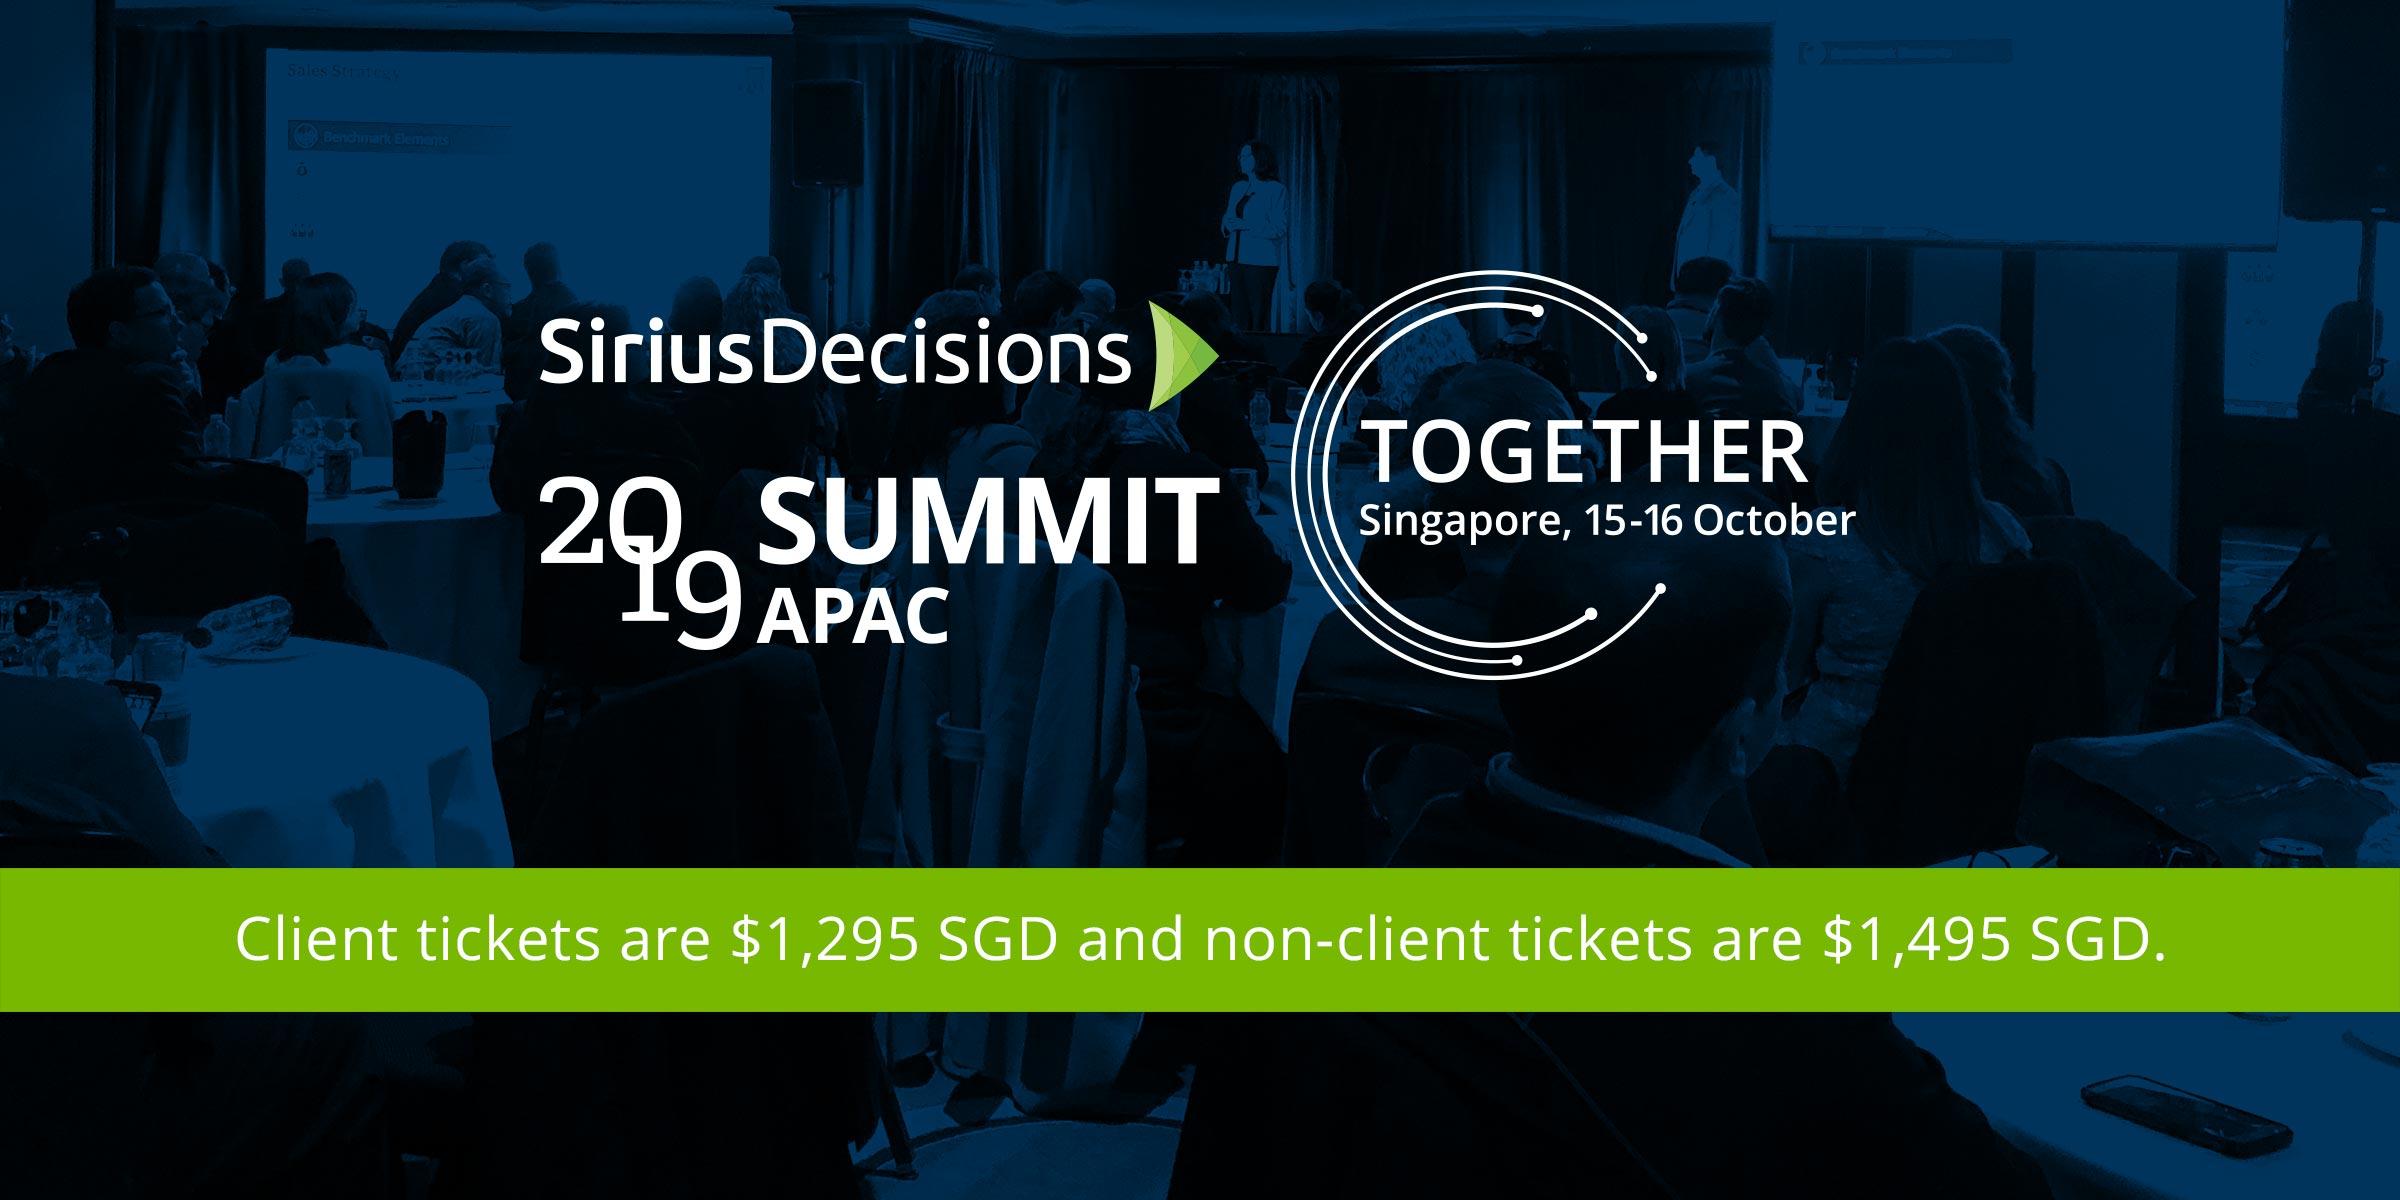 SiriusDecisions 2019 Summit APAC